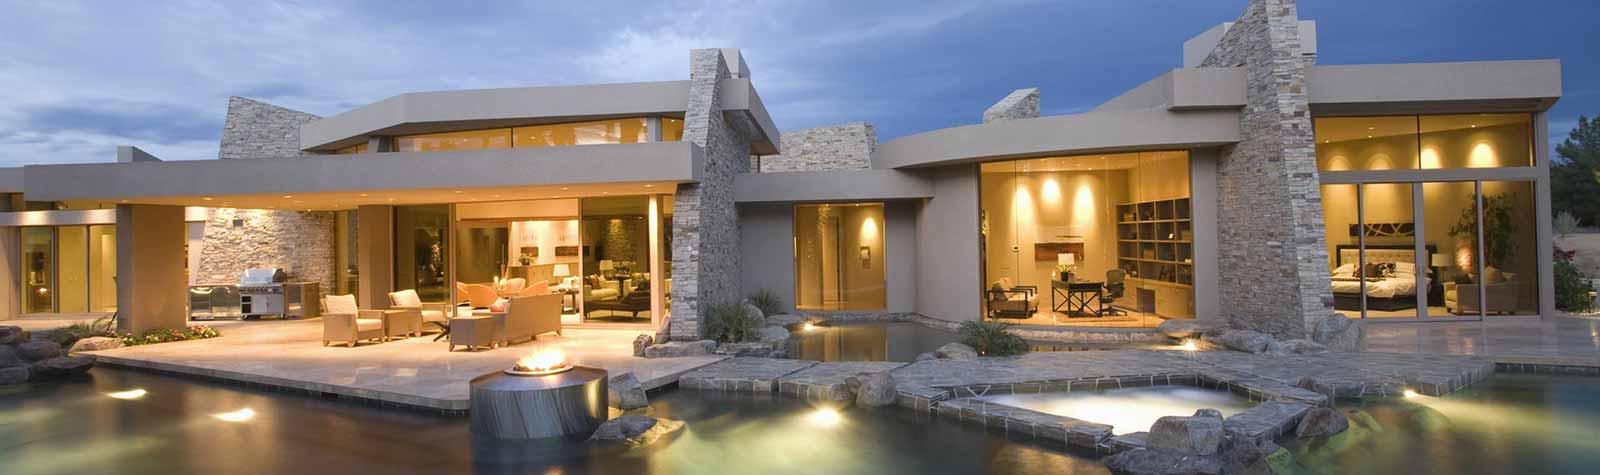 Immoversum - Die Immobilienplattform